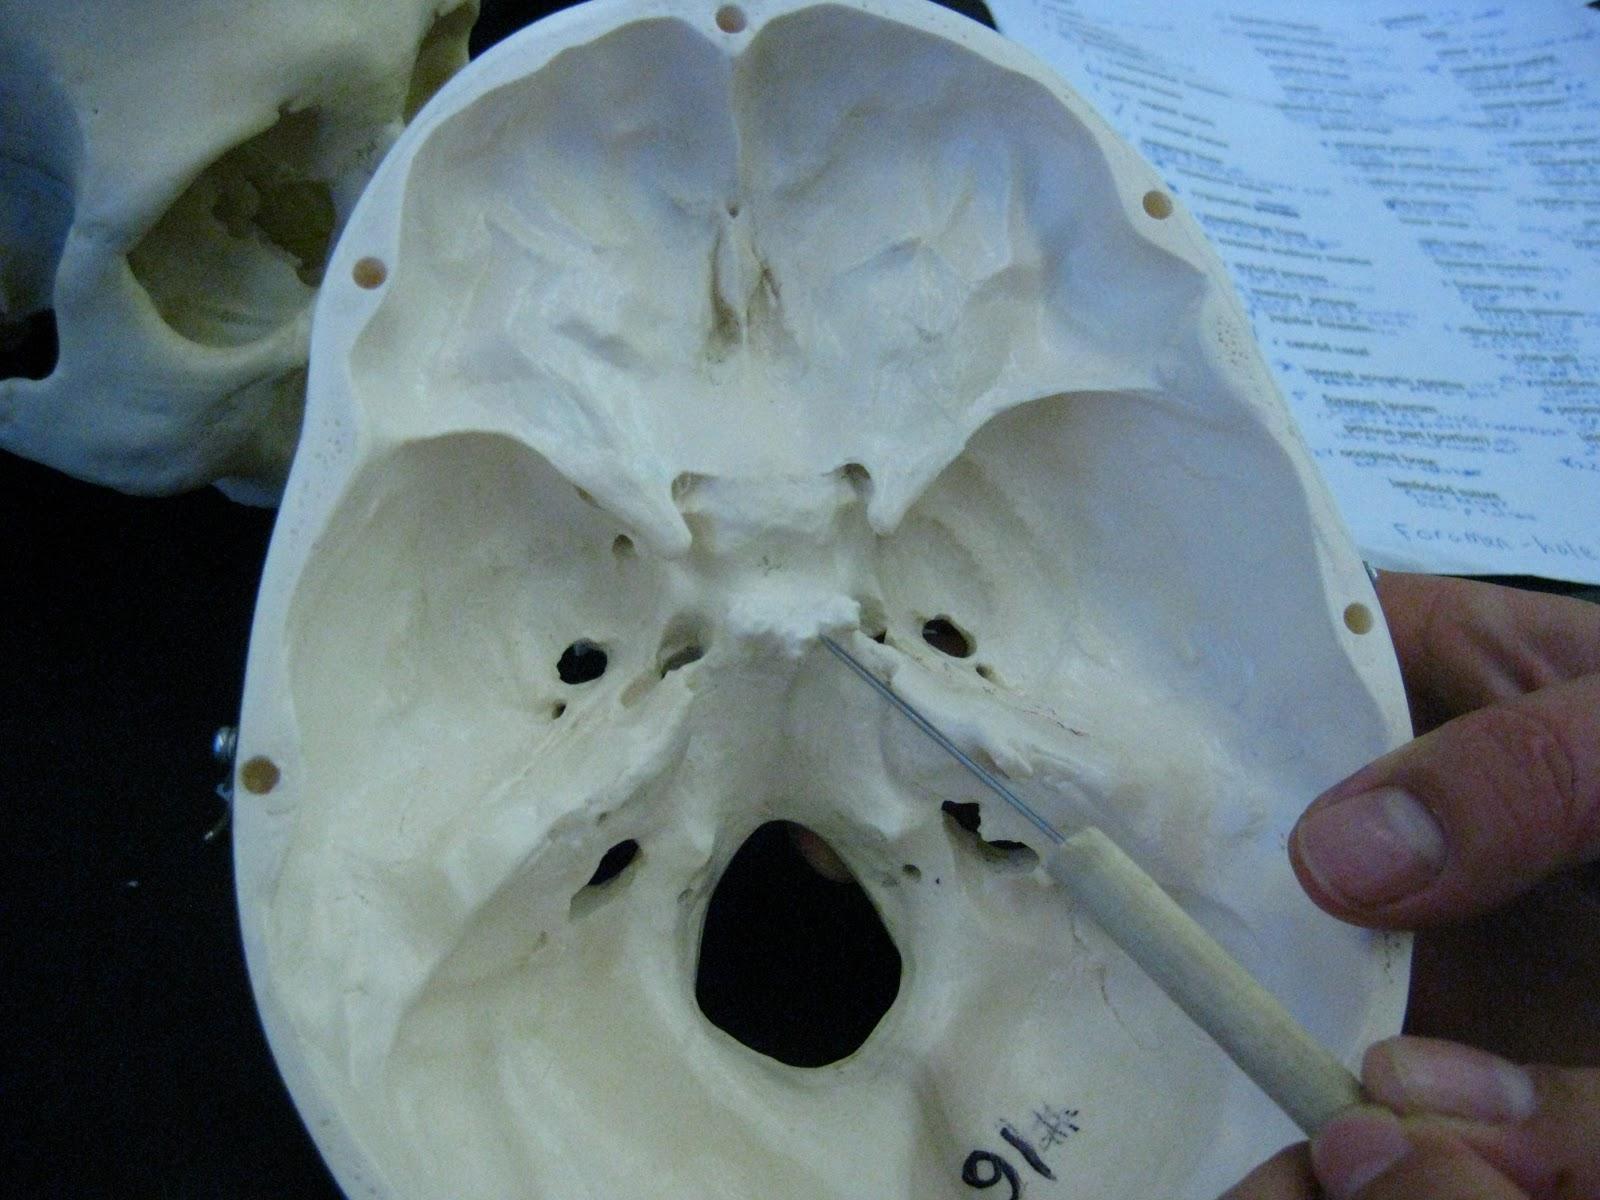 Boned: Human Skull - sella turcica (of sphenoid bone)